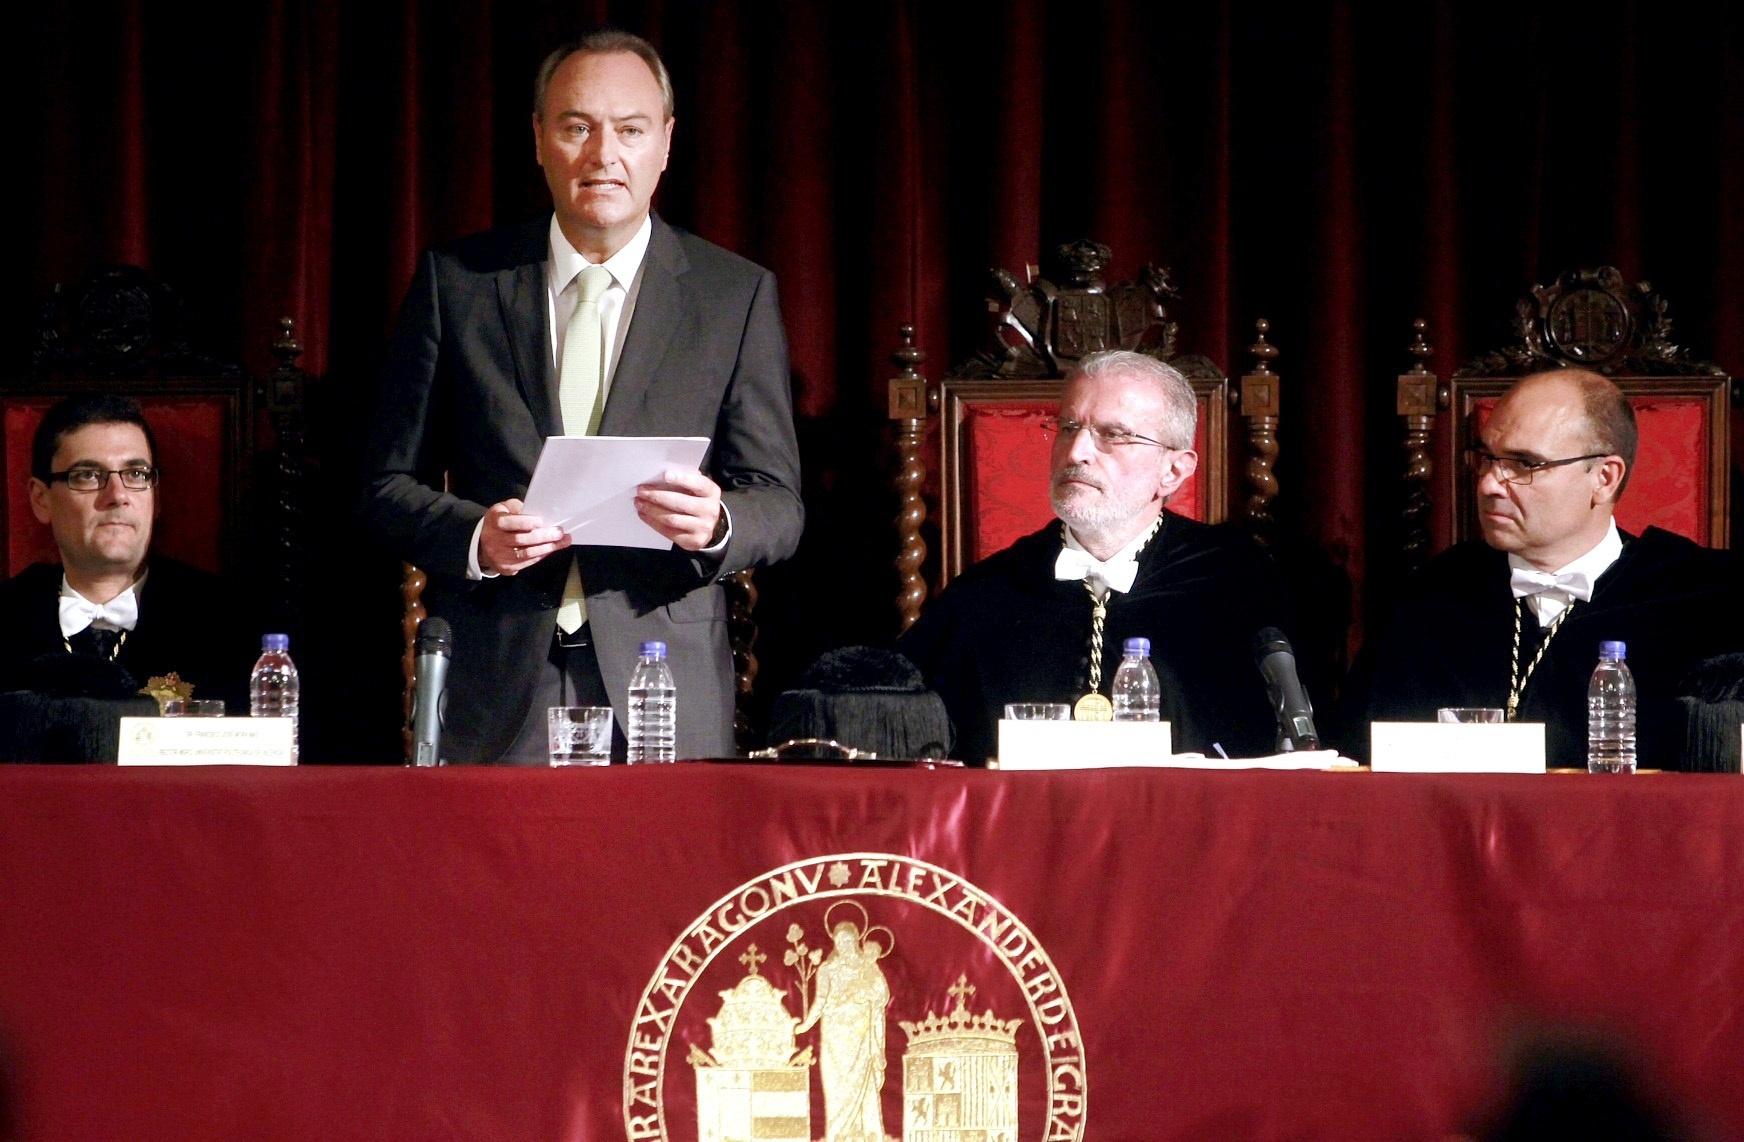 Fabra anuncia préstamos universitarios con aval de la Generalitat para aplazar cinco años el pago de los estudios